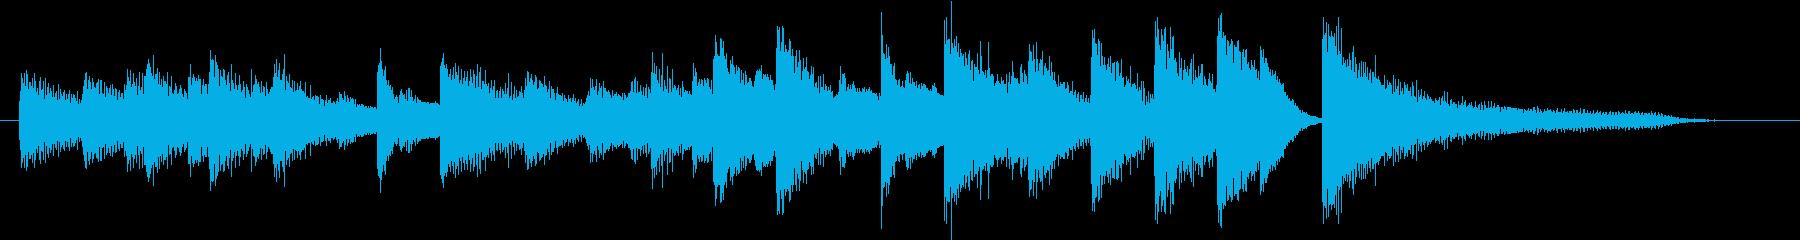 お正月・春の海モチーフのピアノジングルBの再生済みの波形